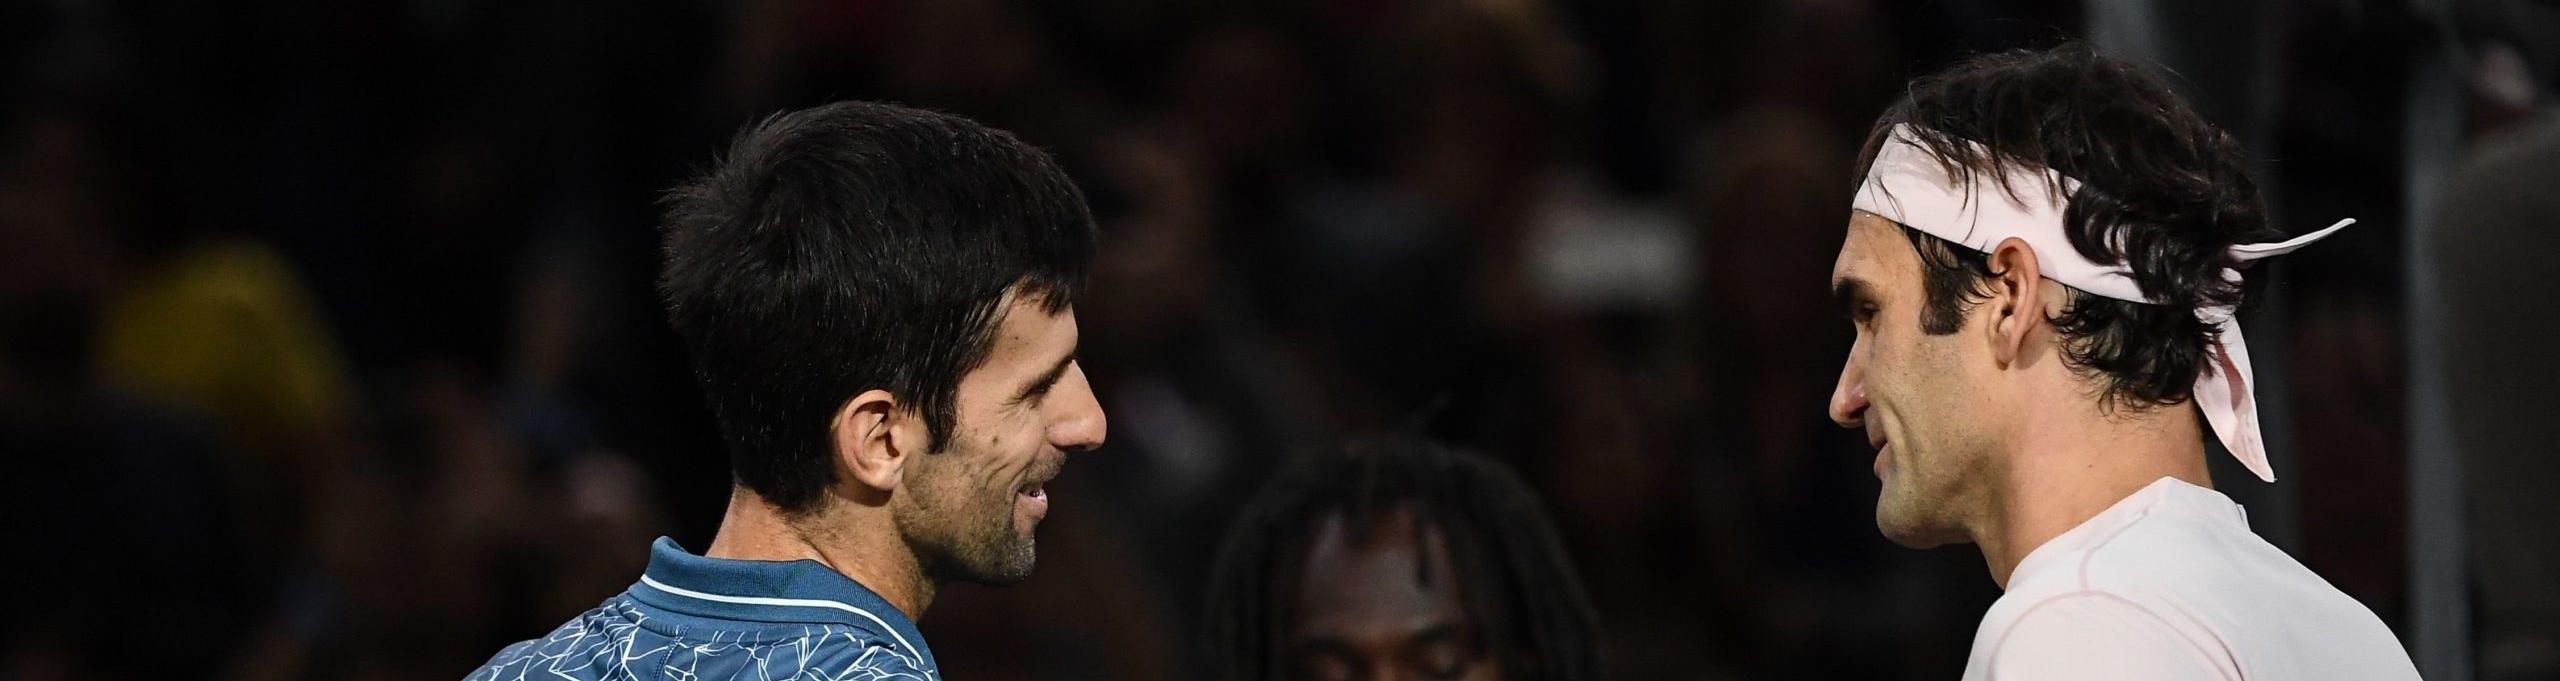 Australian Open, Federer e Nole fanno 50, Barty finalista in patria con la Mugu? 3 quote per le semifinali